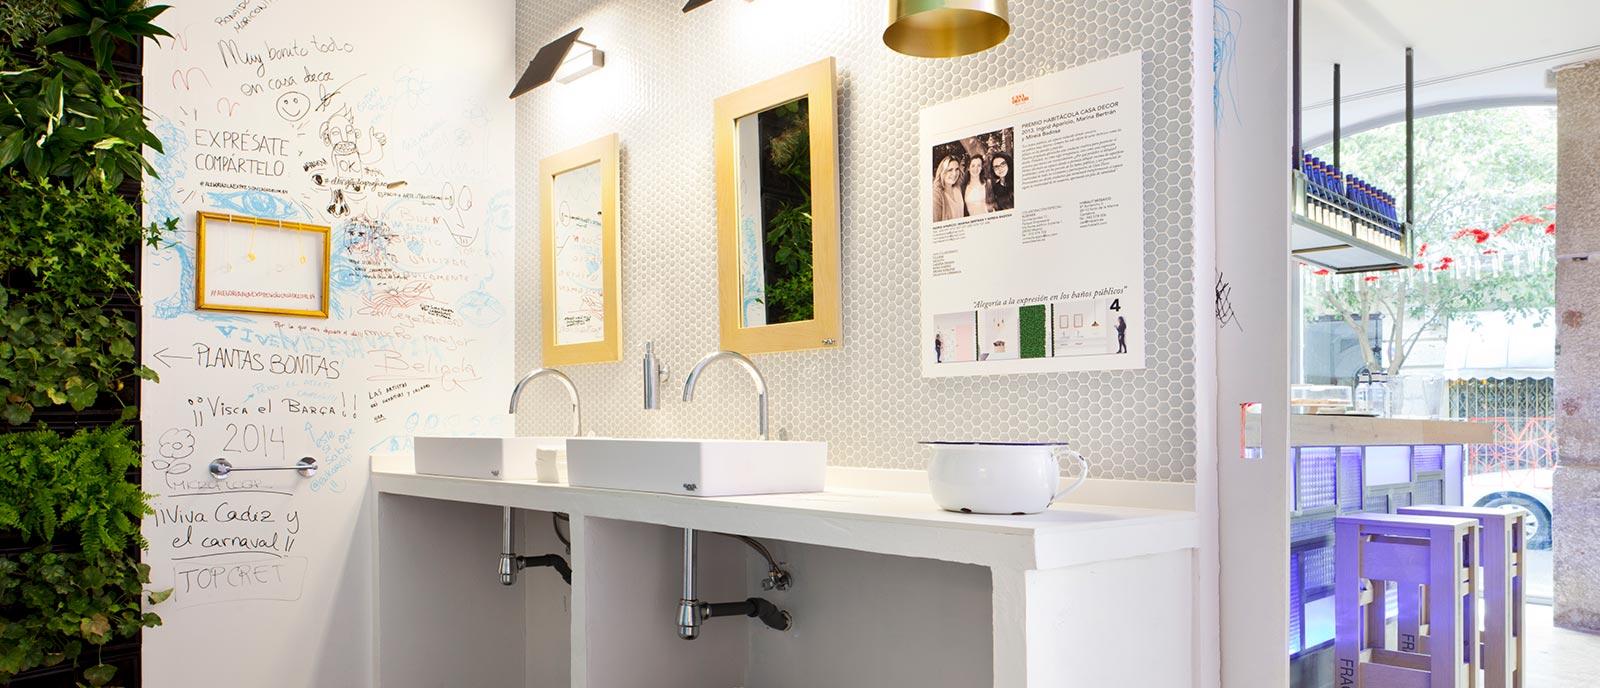 """Baños públicos – """"Alegoría a la expresión en los baños públicos"""""""